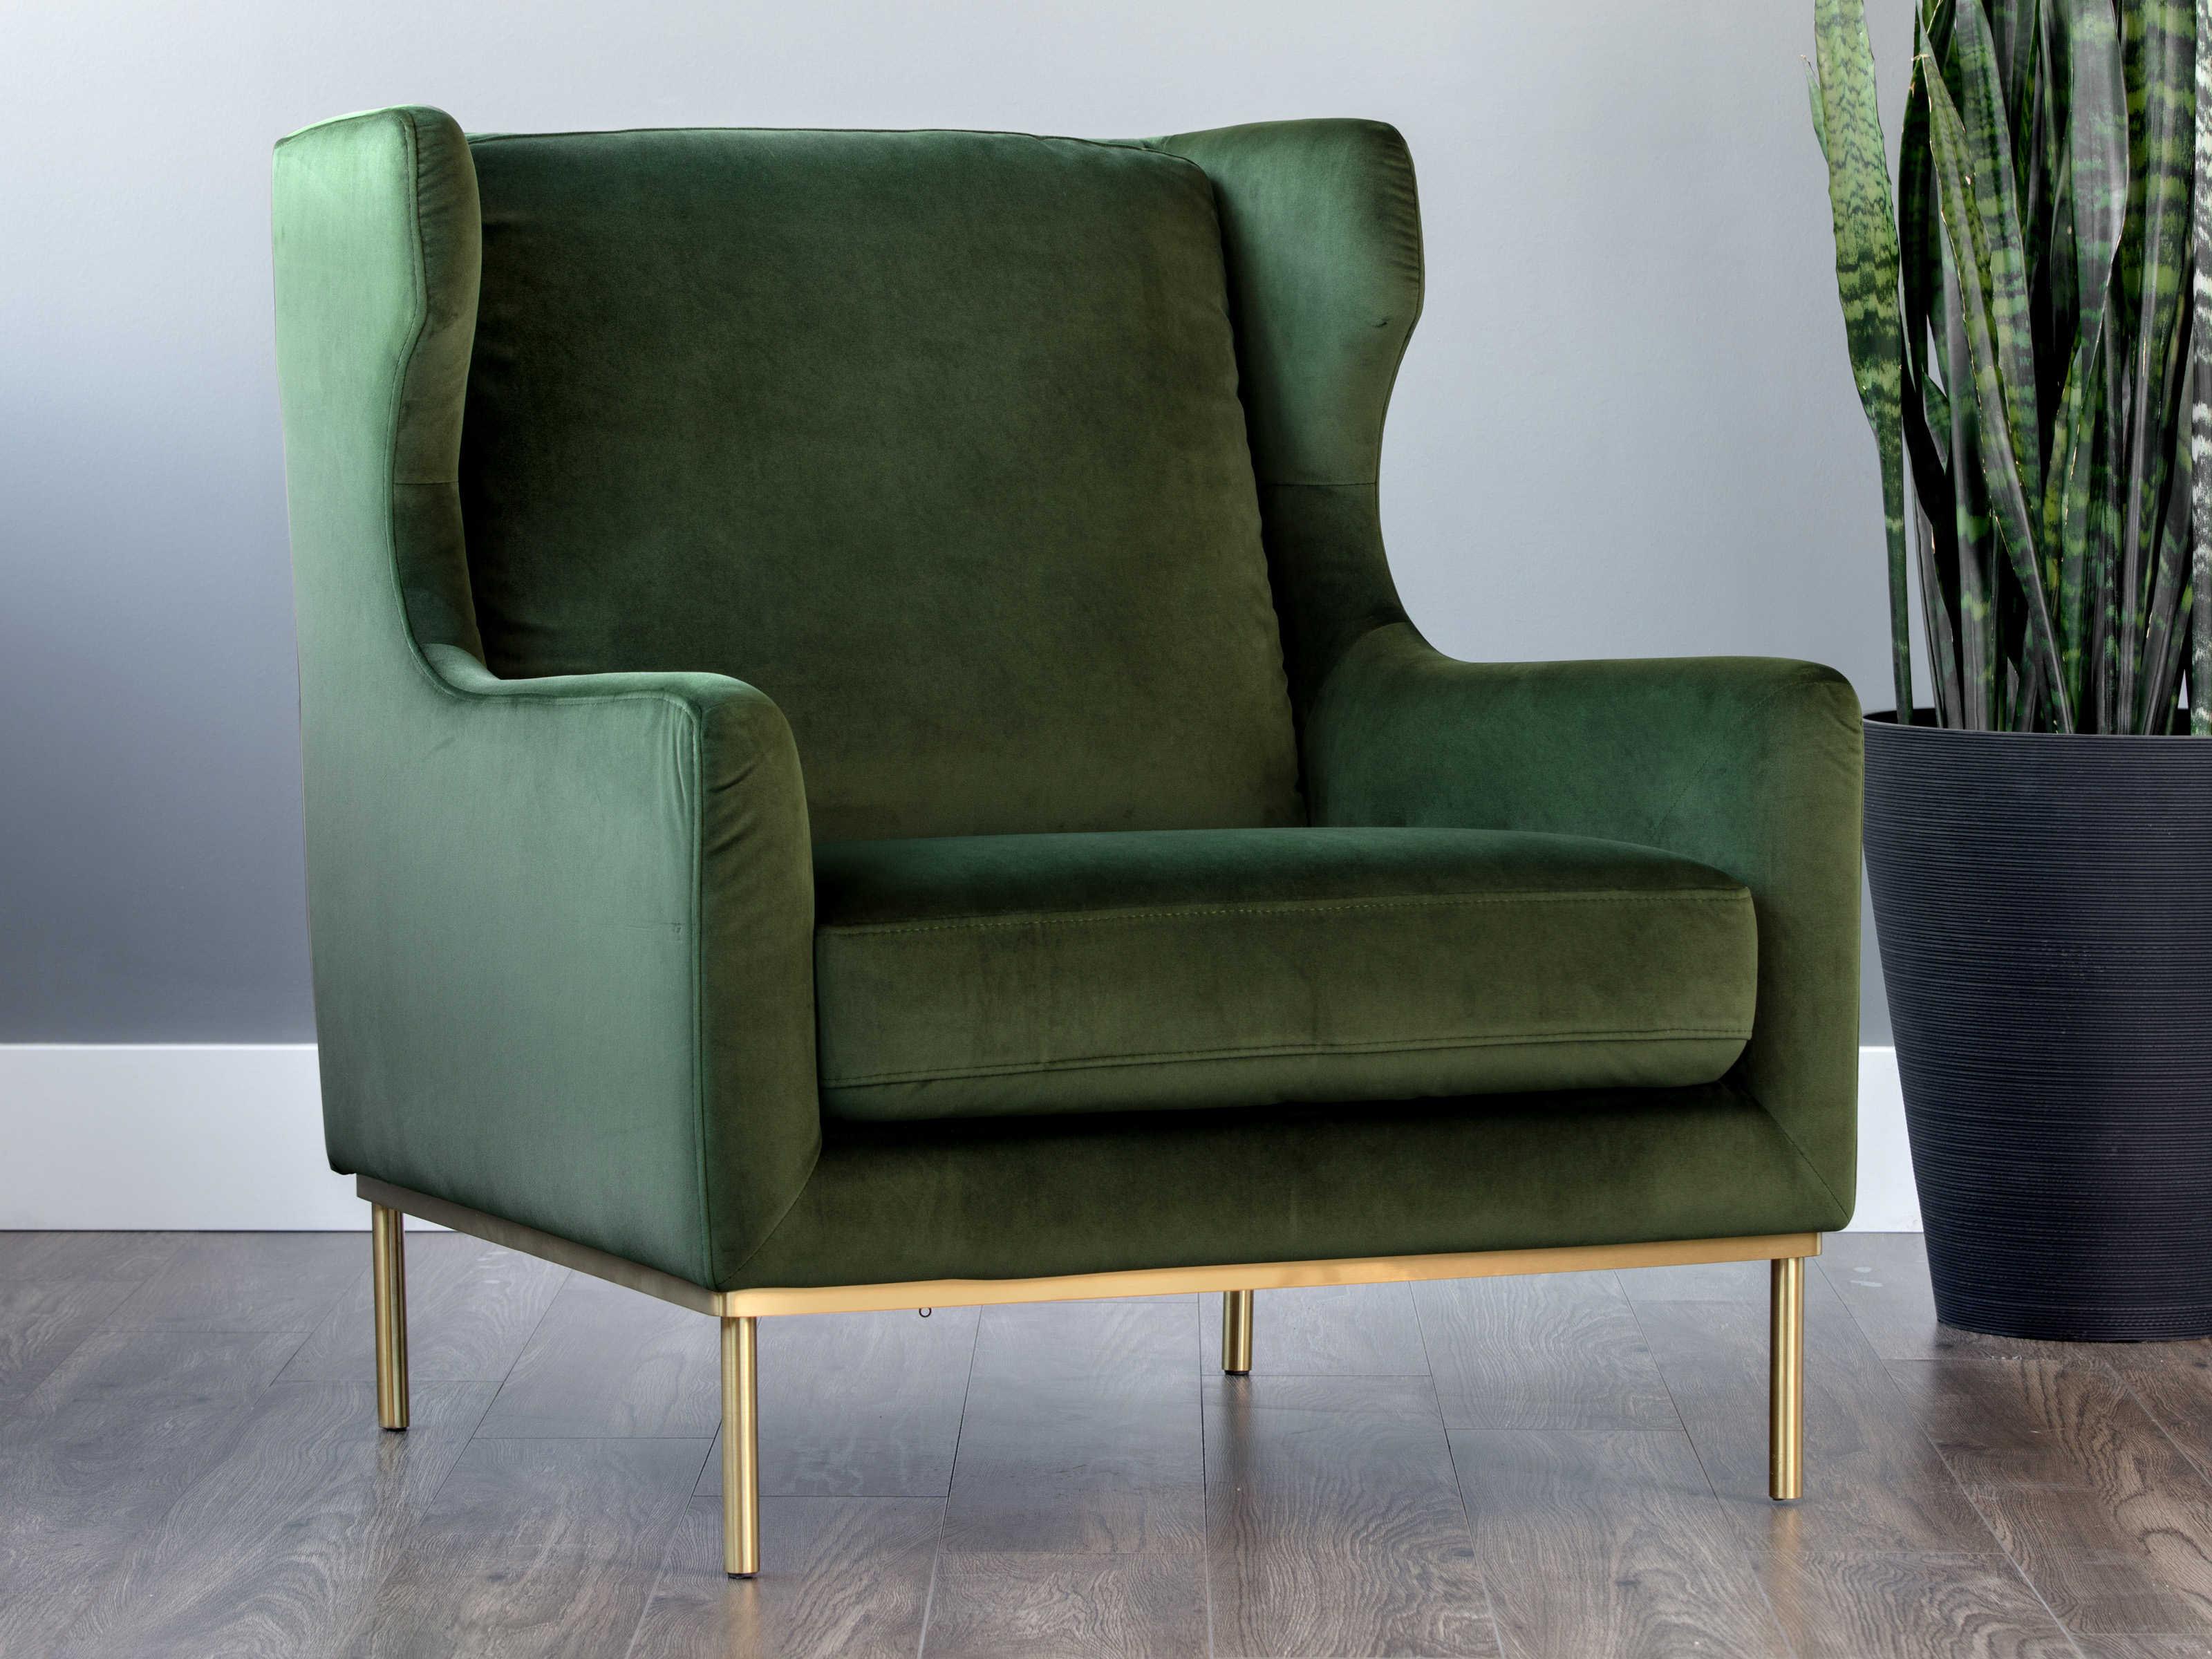 Picture of: Sunpan Modern Home 5west Moss Green Antique Brass Accent Chair Spn103678